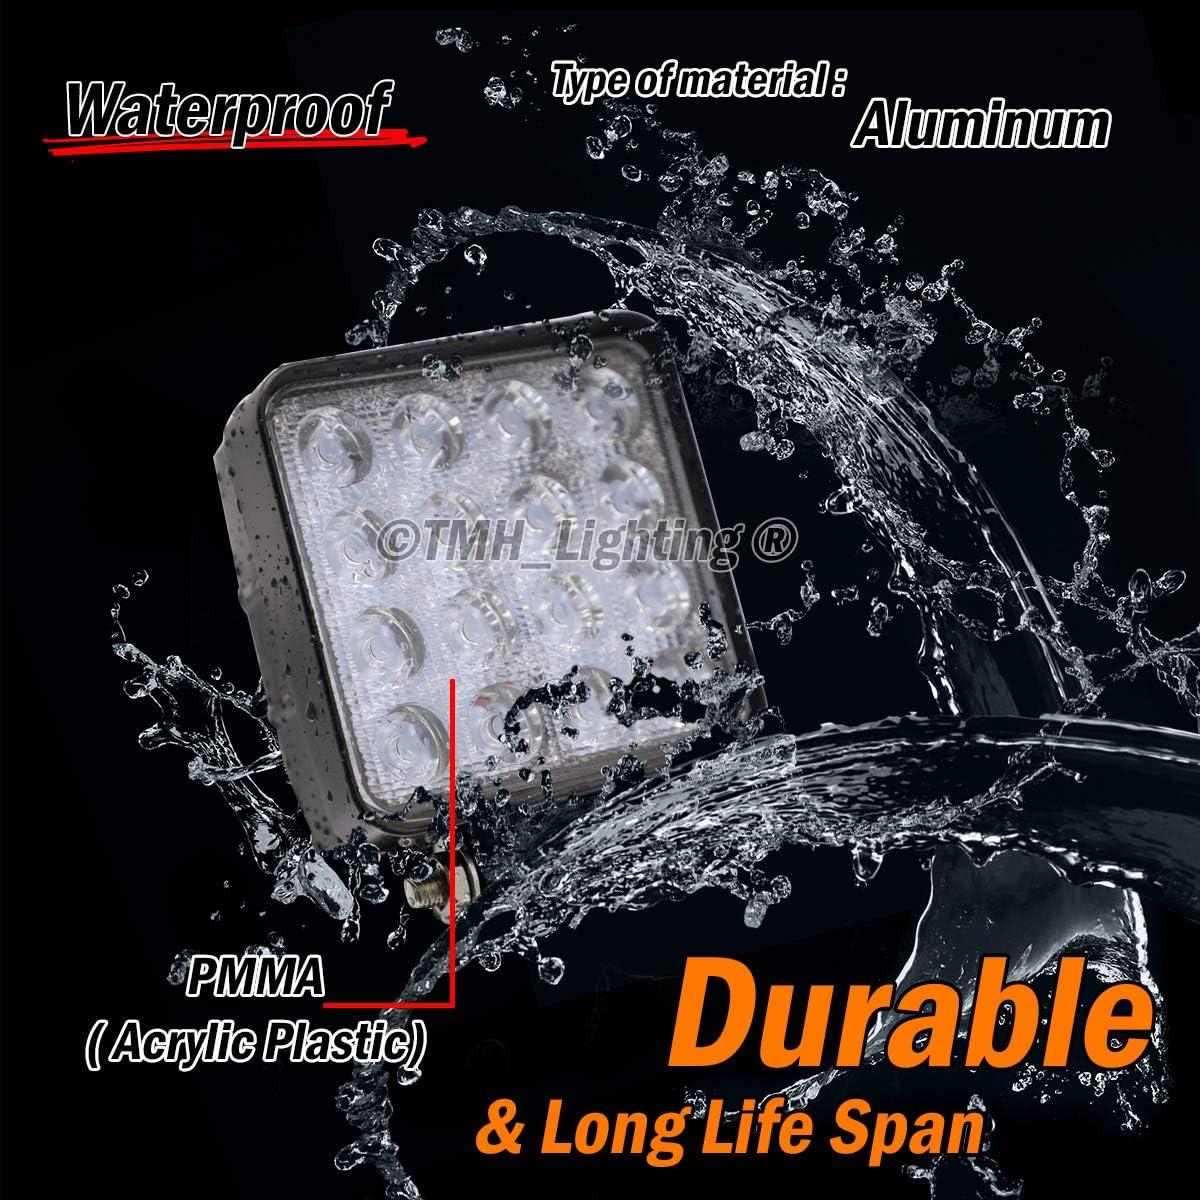 Lot de 40000 Tmh® 40000 W Forme carrée 40000 degrés LED Lampe flood lampe de  travail Conduite lumière, Jeep, Off road, 4000 WD, 4000 x 4000, UTV, Sand Rail, VTT,  SUV, ...